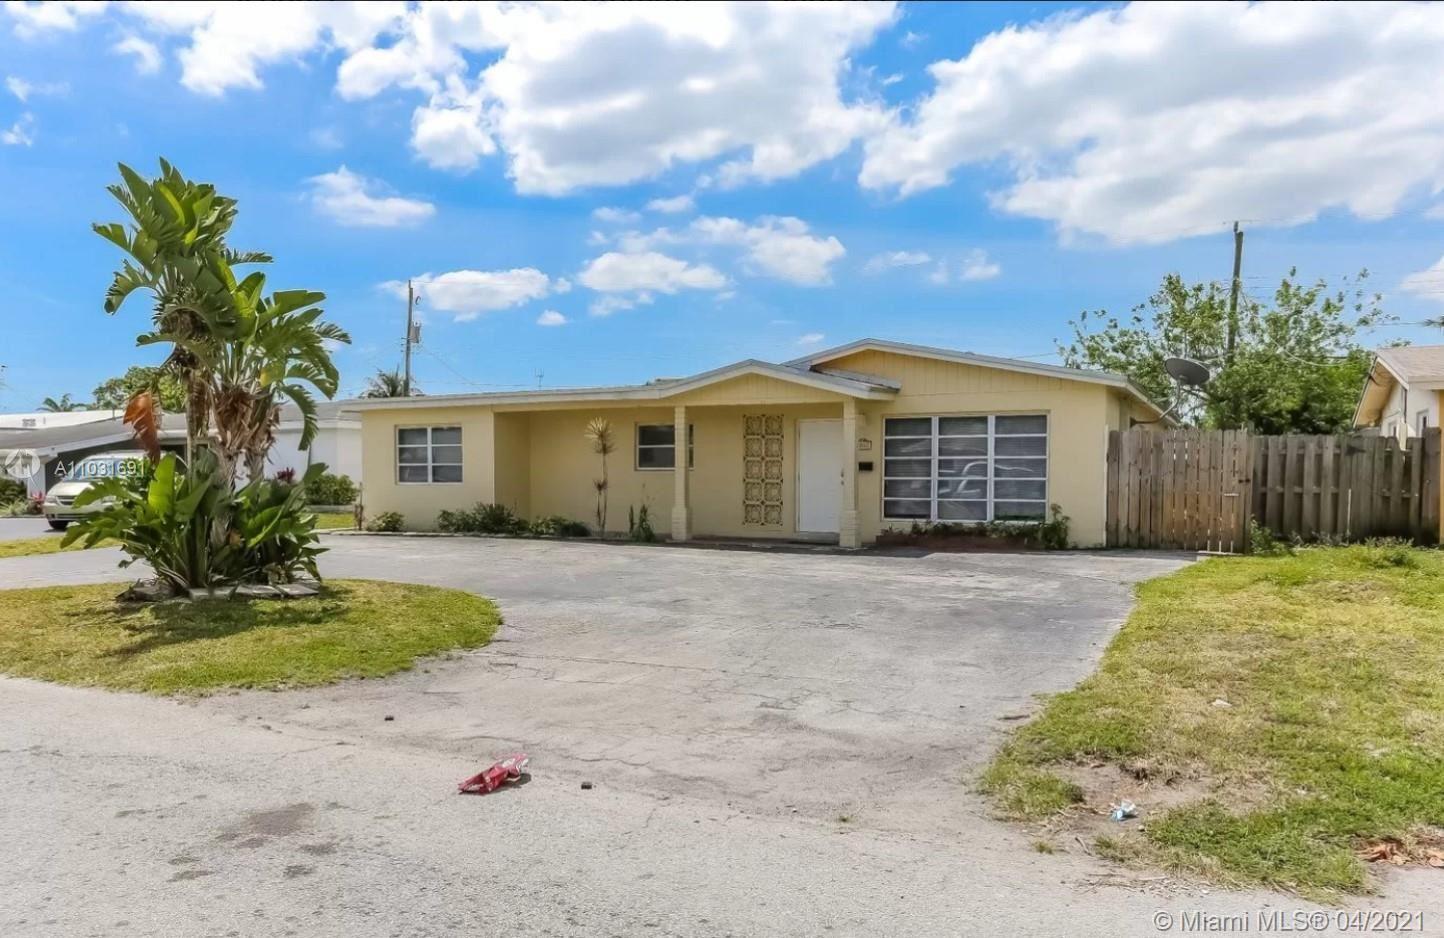 7762 Panama St, Miramar, FL 33023 - #: A11031691